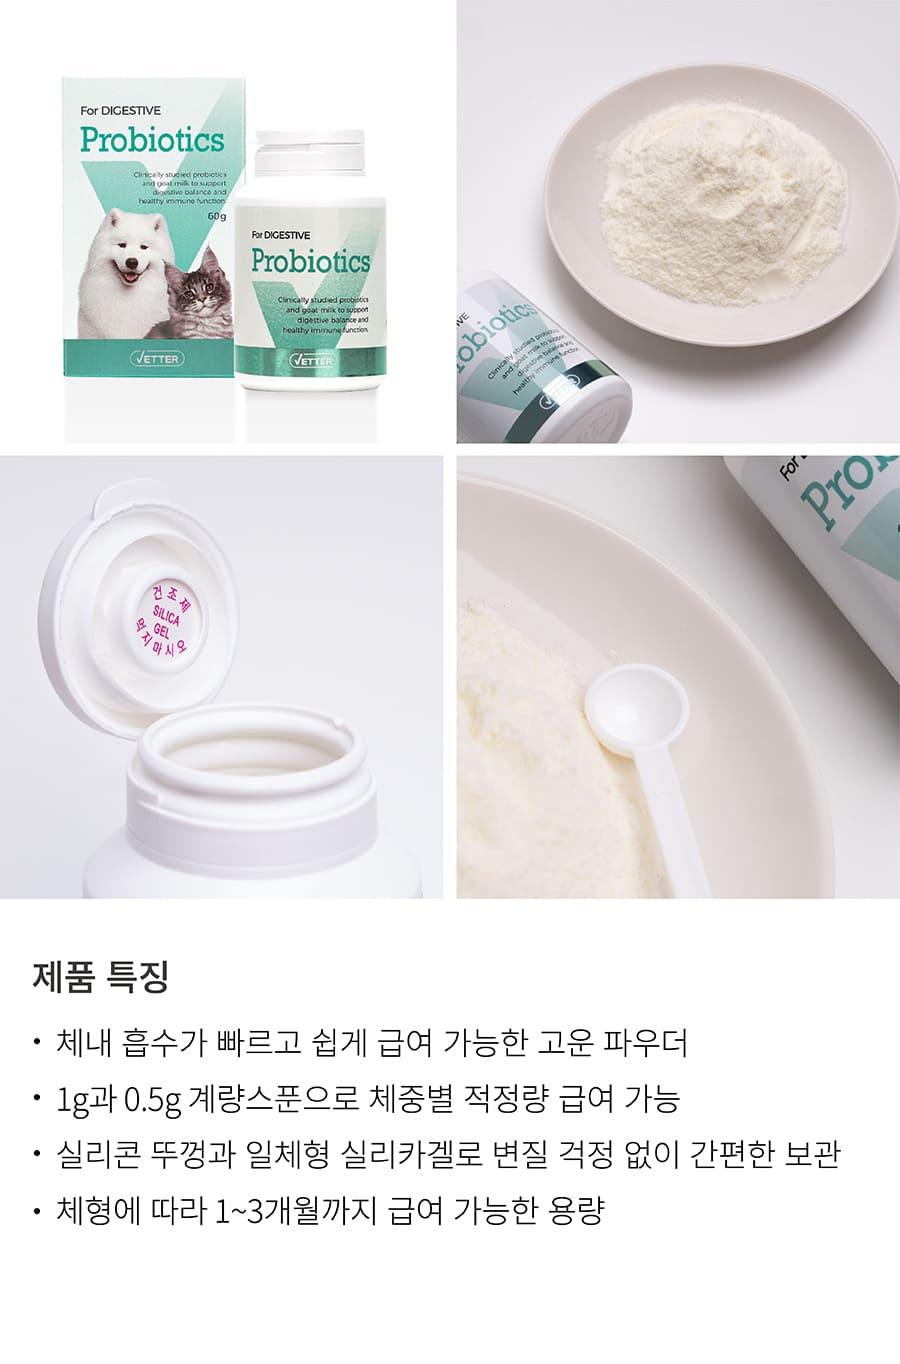 [EVENT] Vetter 댕냥이 영양 파우더 11종 (관절/피부/안정/눈/장/소화)-상품이미지-8